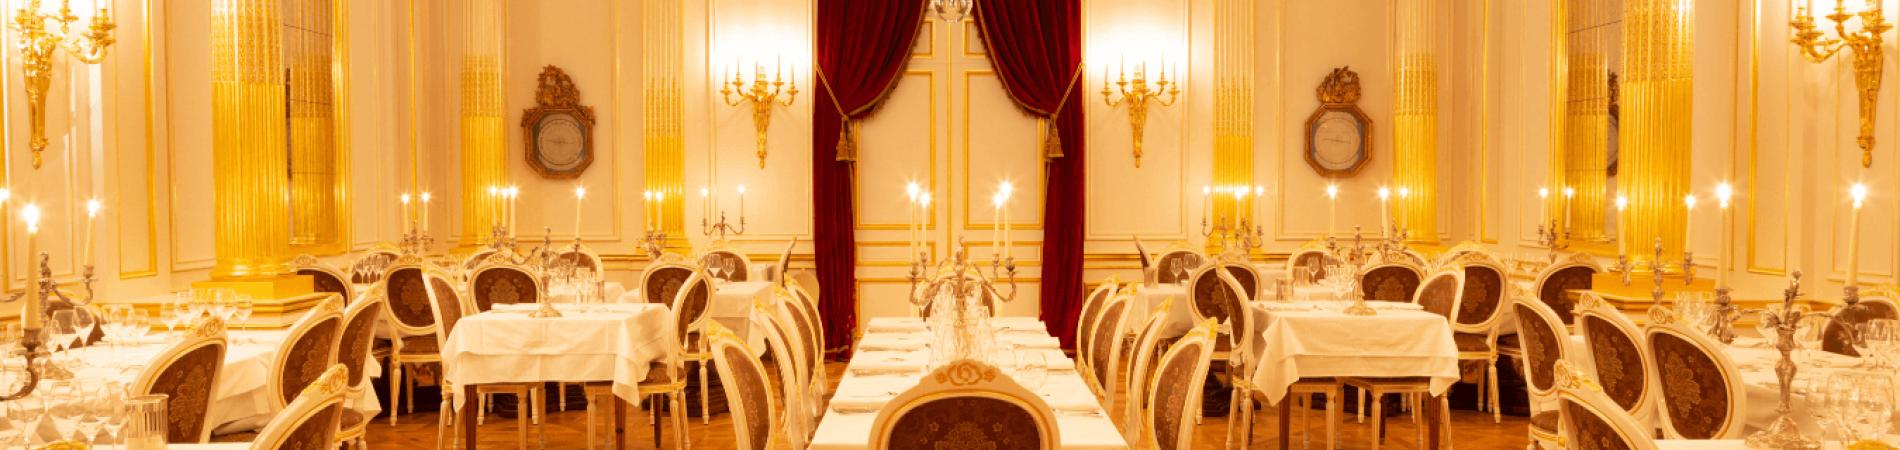 Le Salon Doré Jean de la Fontaine des Grands Buffets à Narbonne